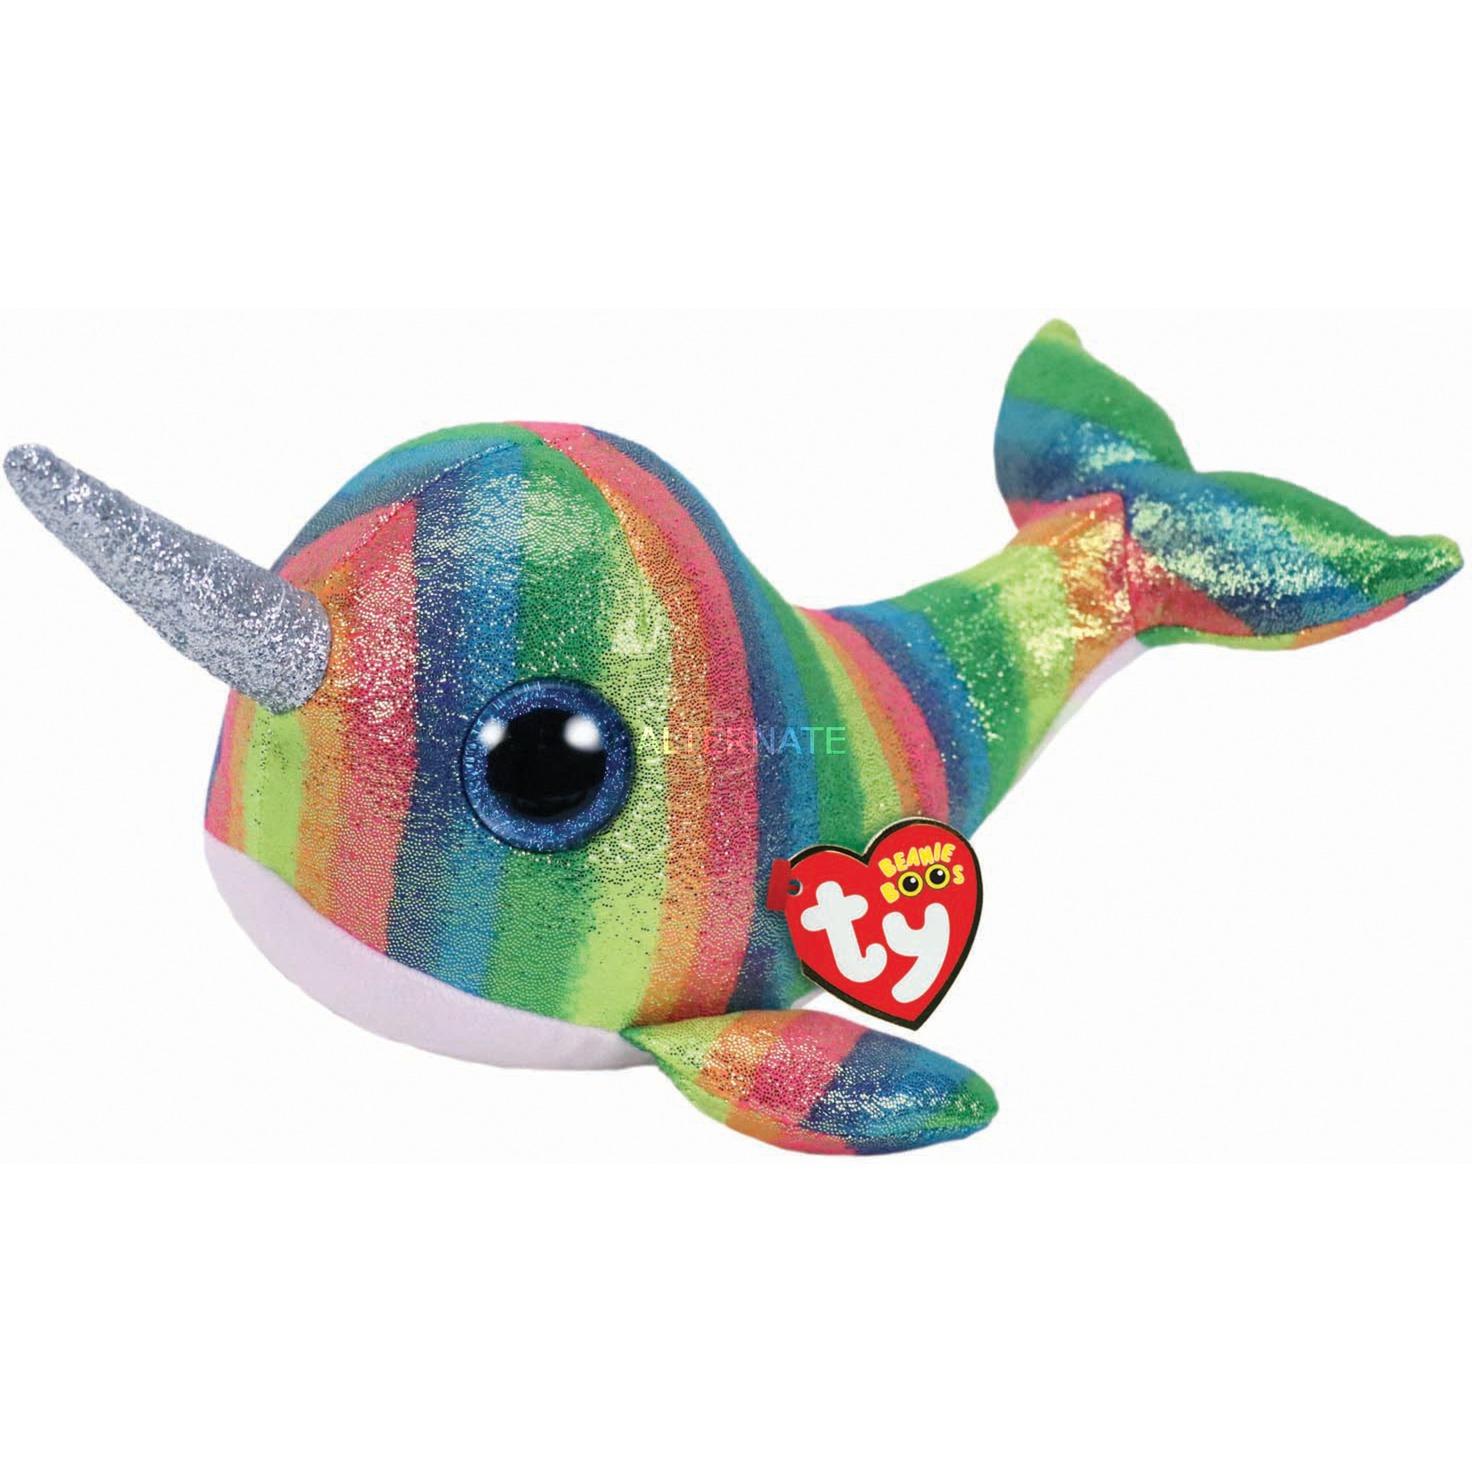 7136418 juguete de peluche Multicolor, Peluches